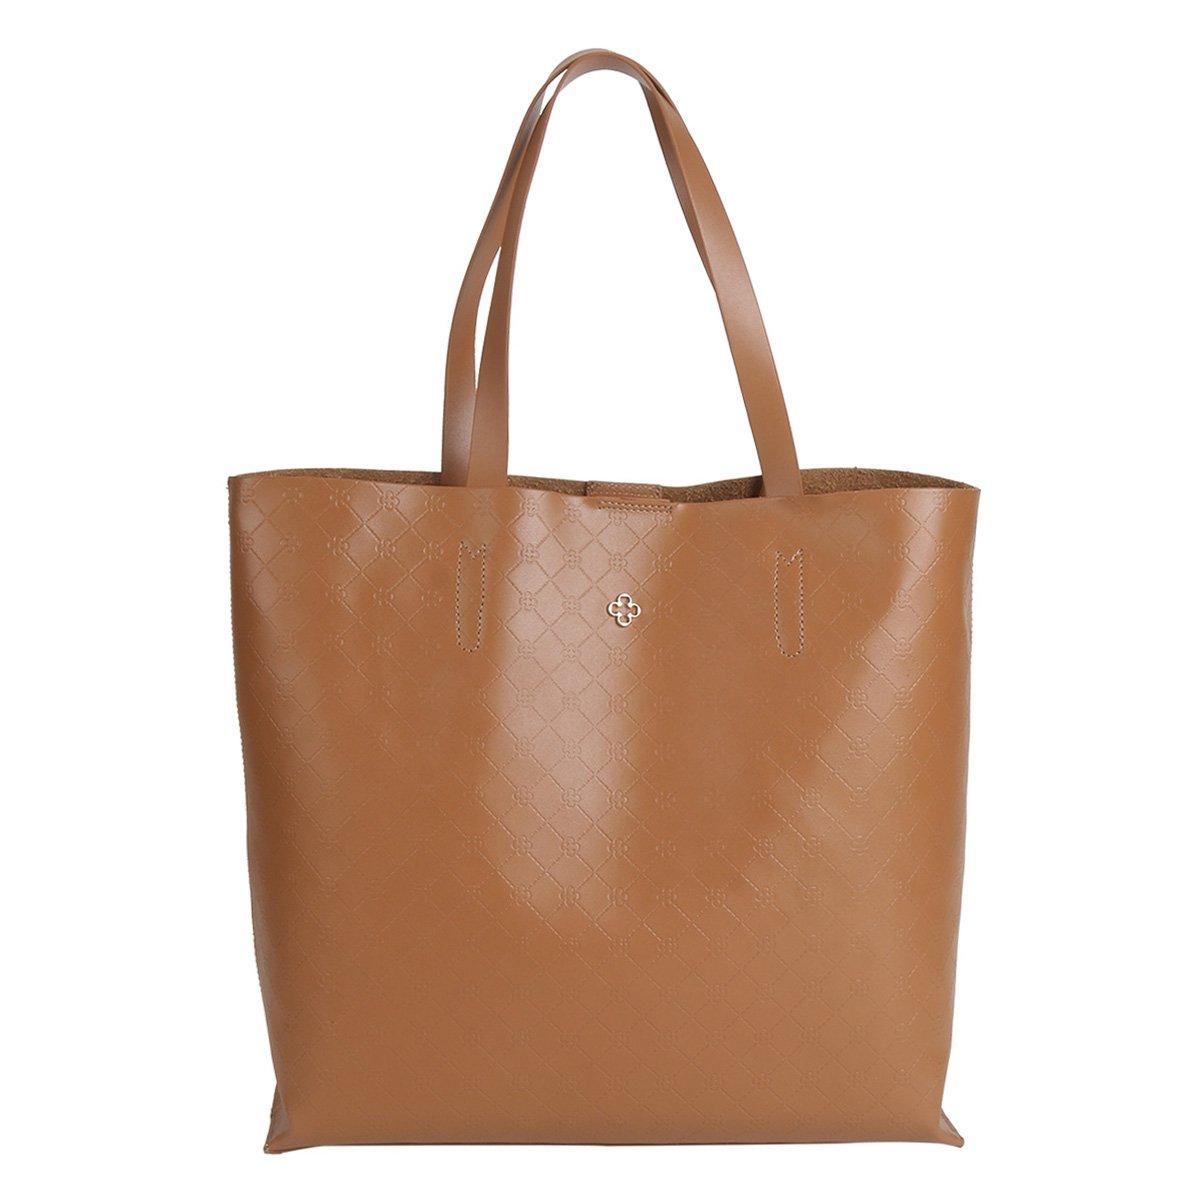 abc2d92c9 Bolsa Capodarte Tote - Shopper Monograma Plaquinha Feminina - Marrom |  Zattini